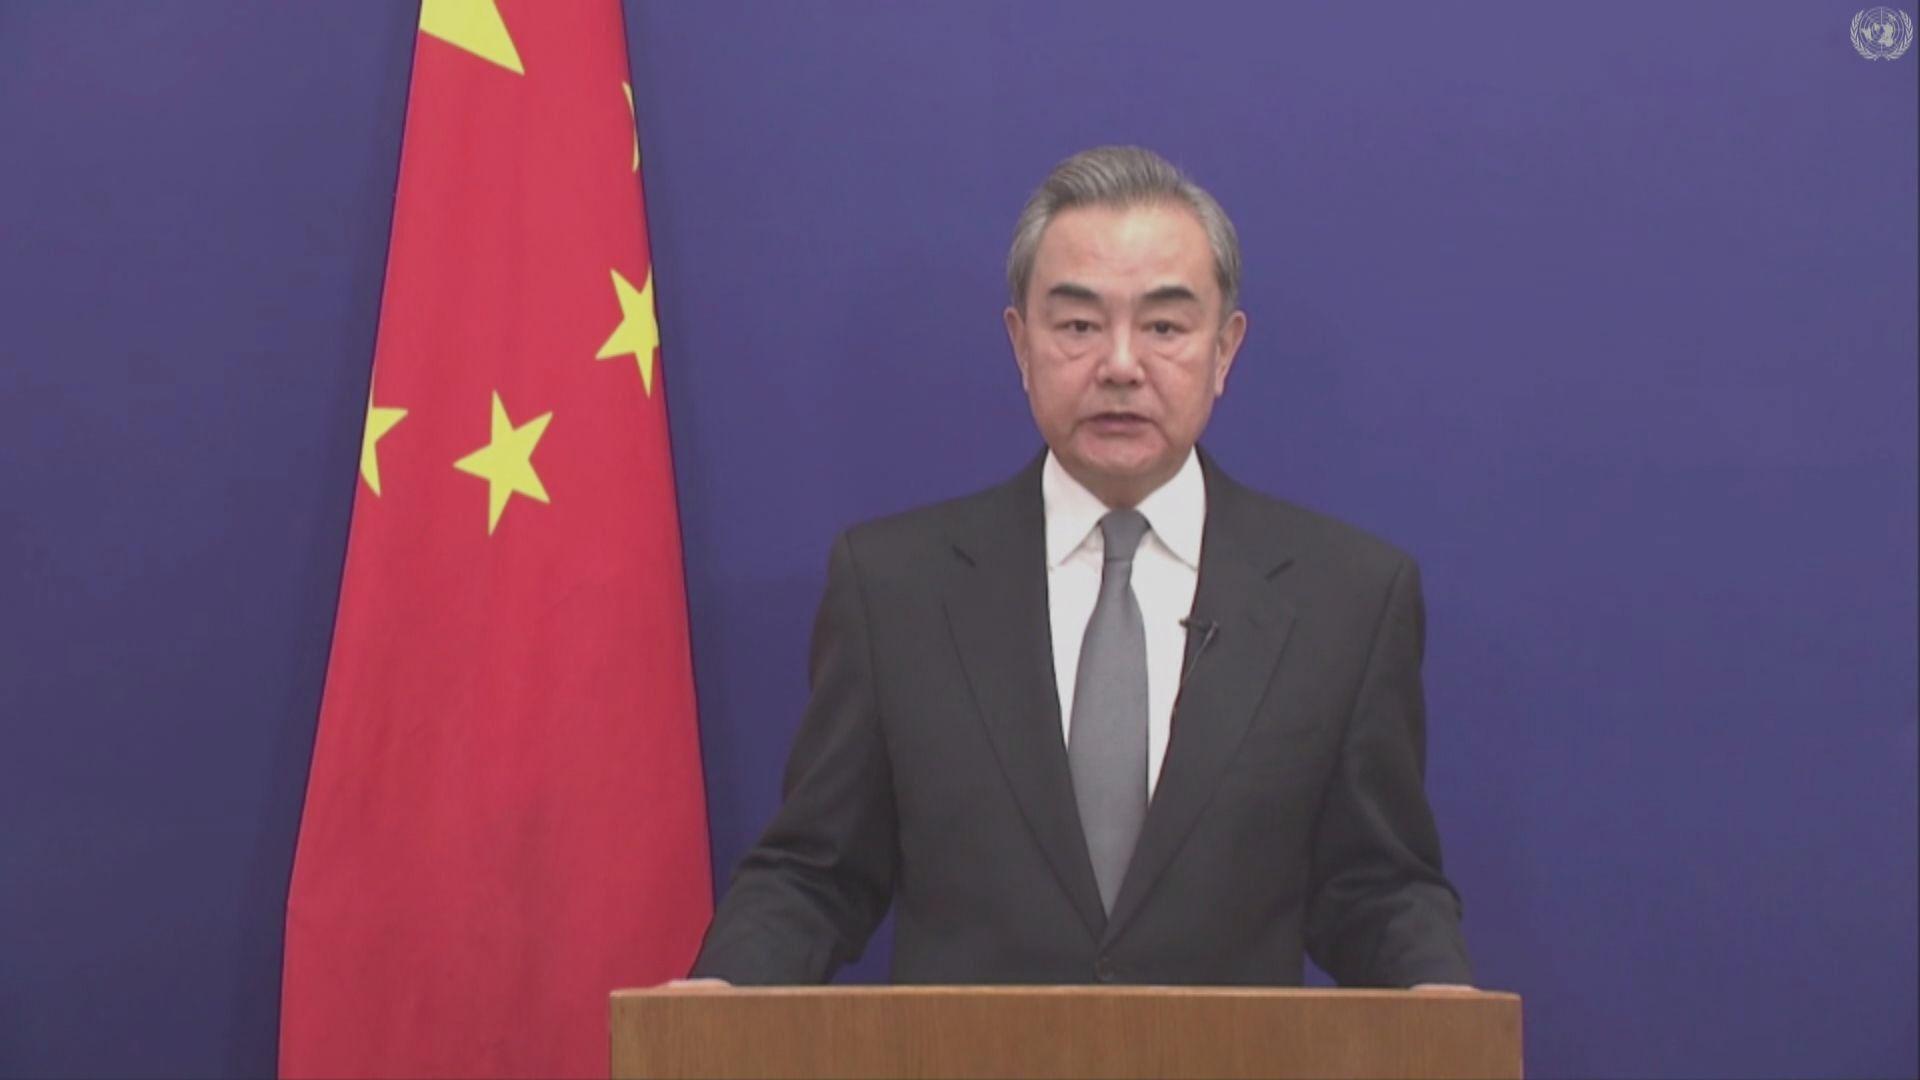 王毅:反對有國家在人權問題干涉別國內政